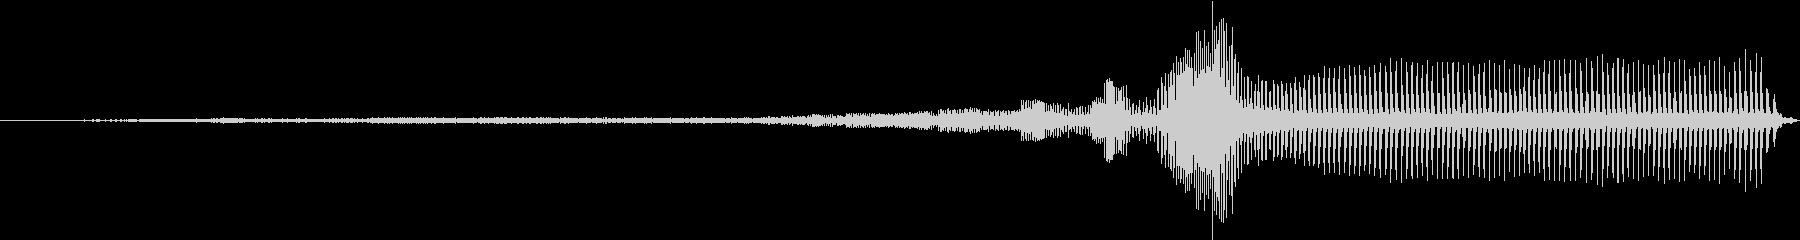 450 Cc 4ストローク:中速で...の未再生の波形